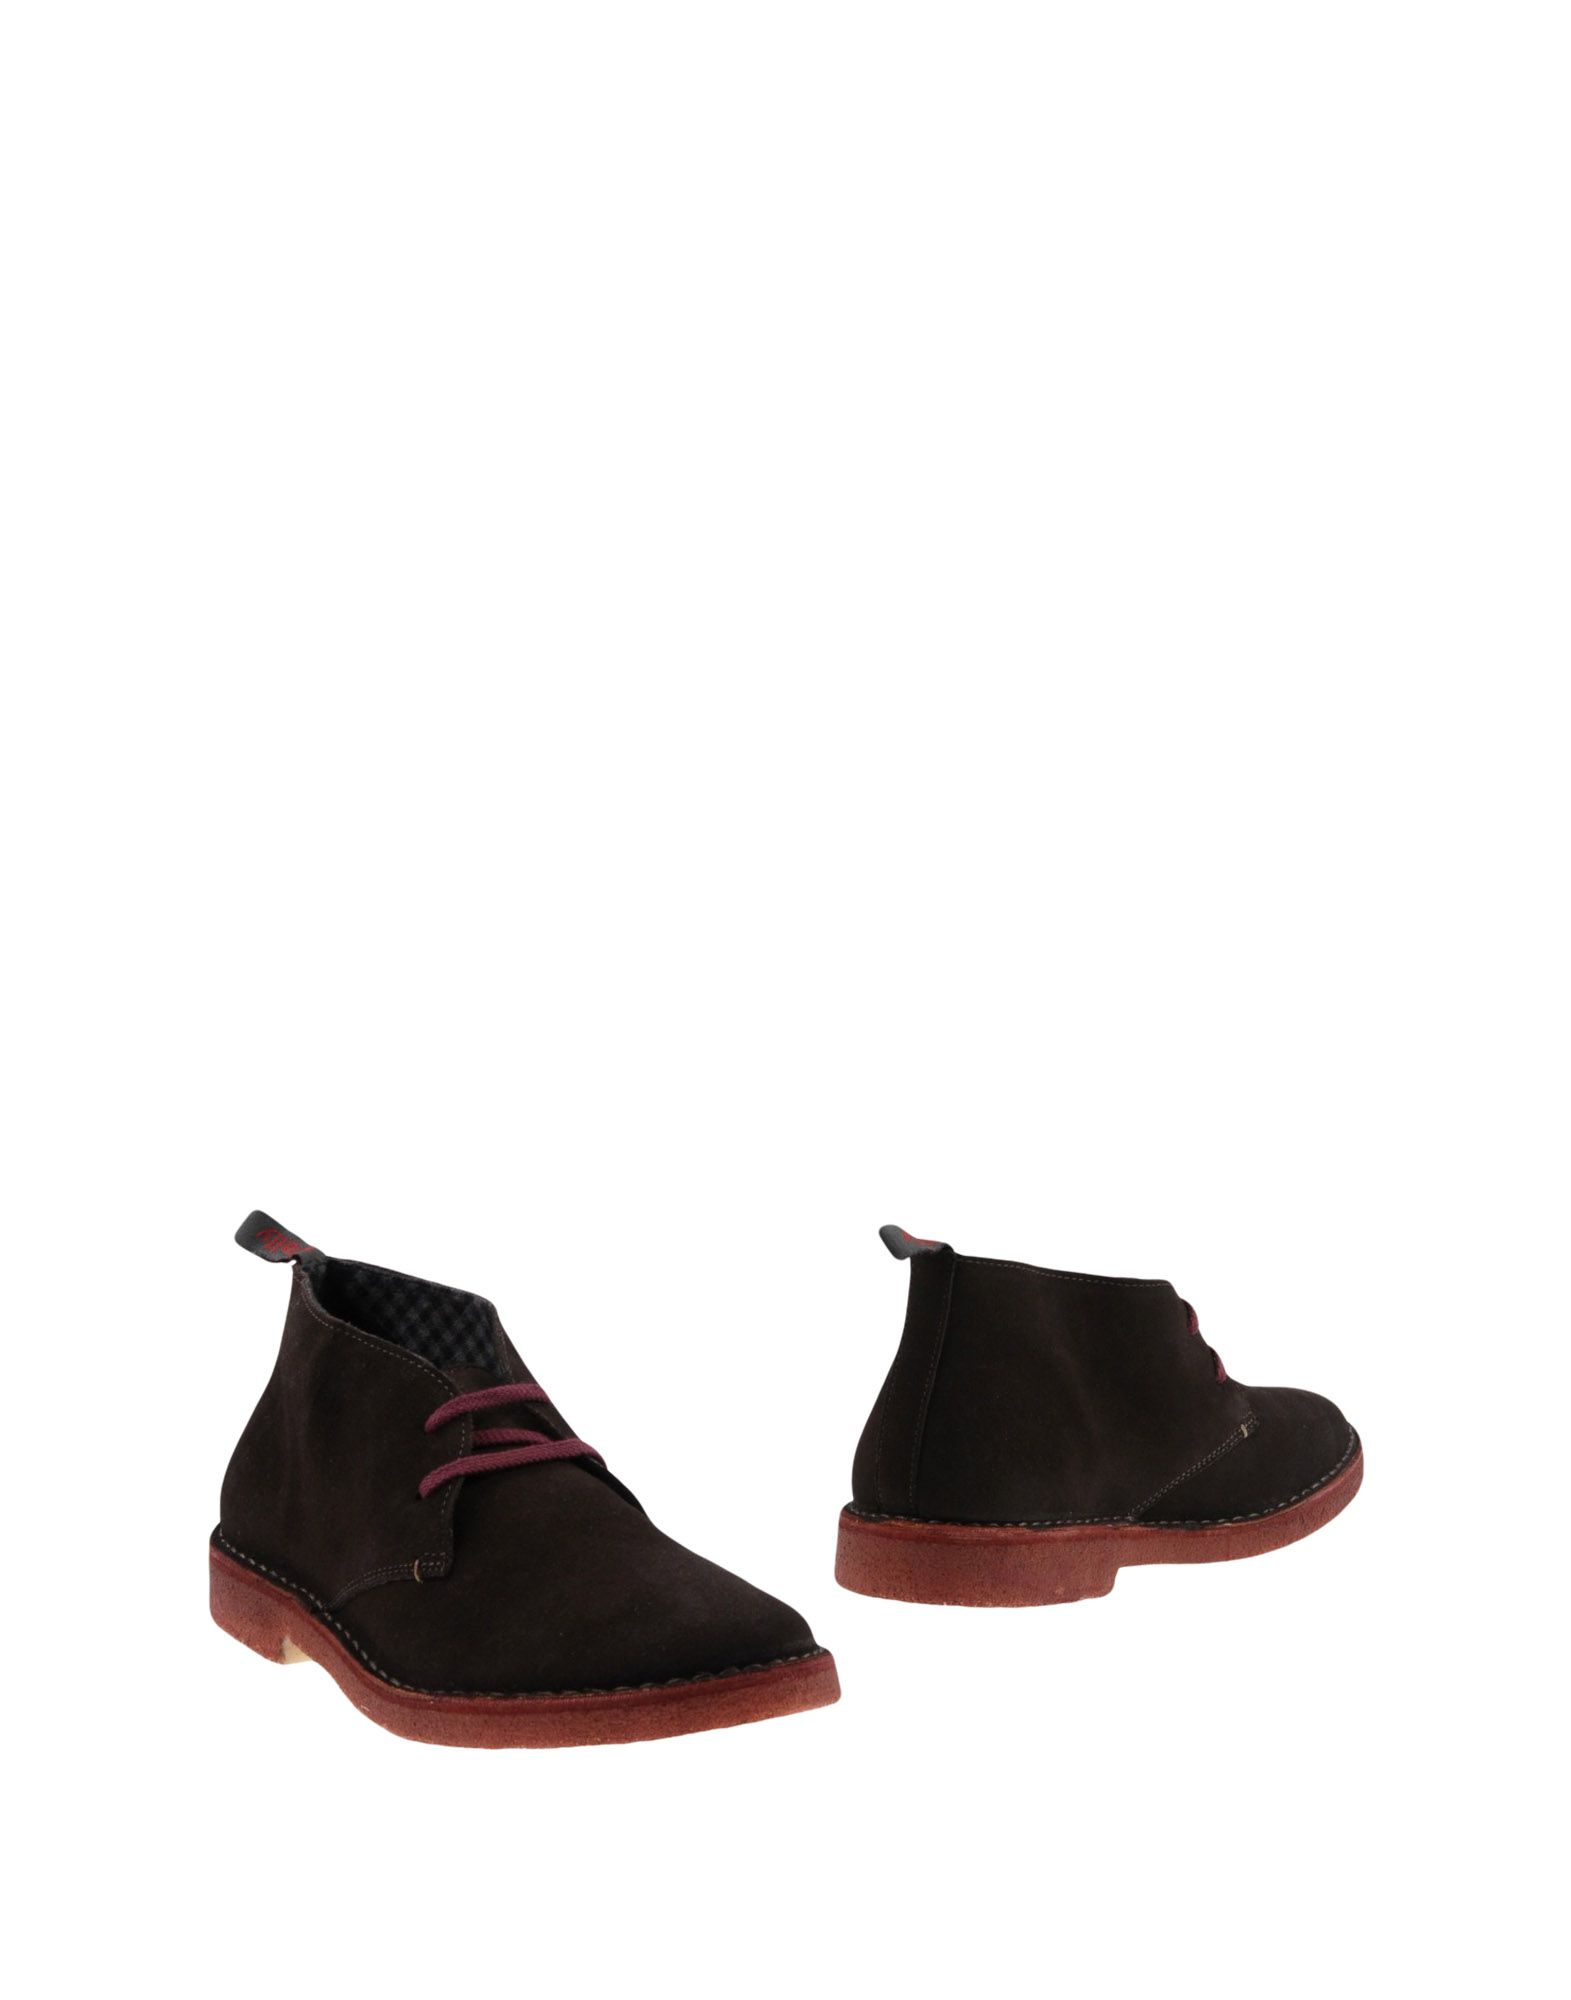 Rabatt echte Schuhe Wally Walker Stiefelette Herren  11434263JW